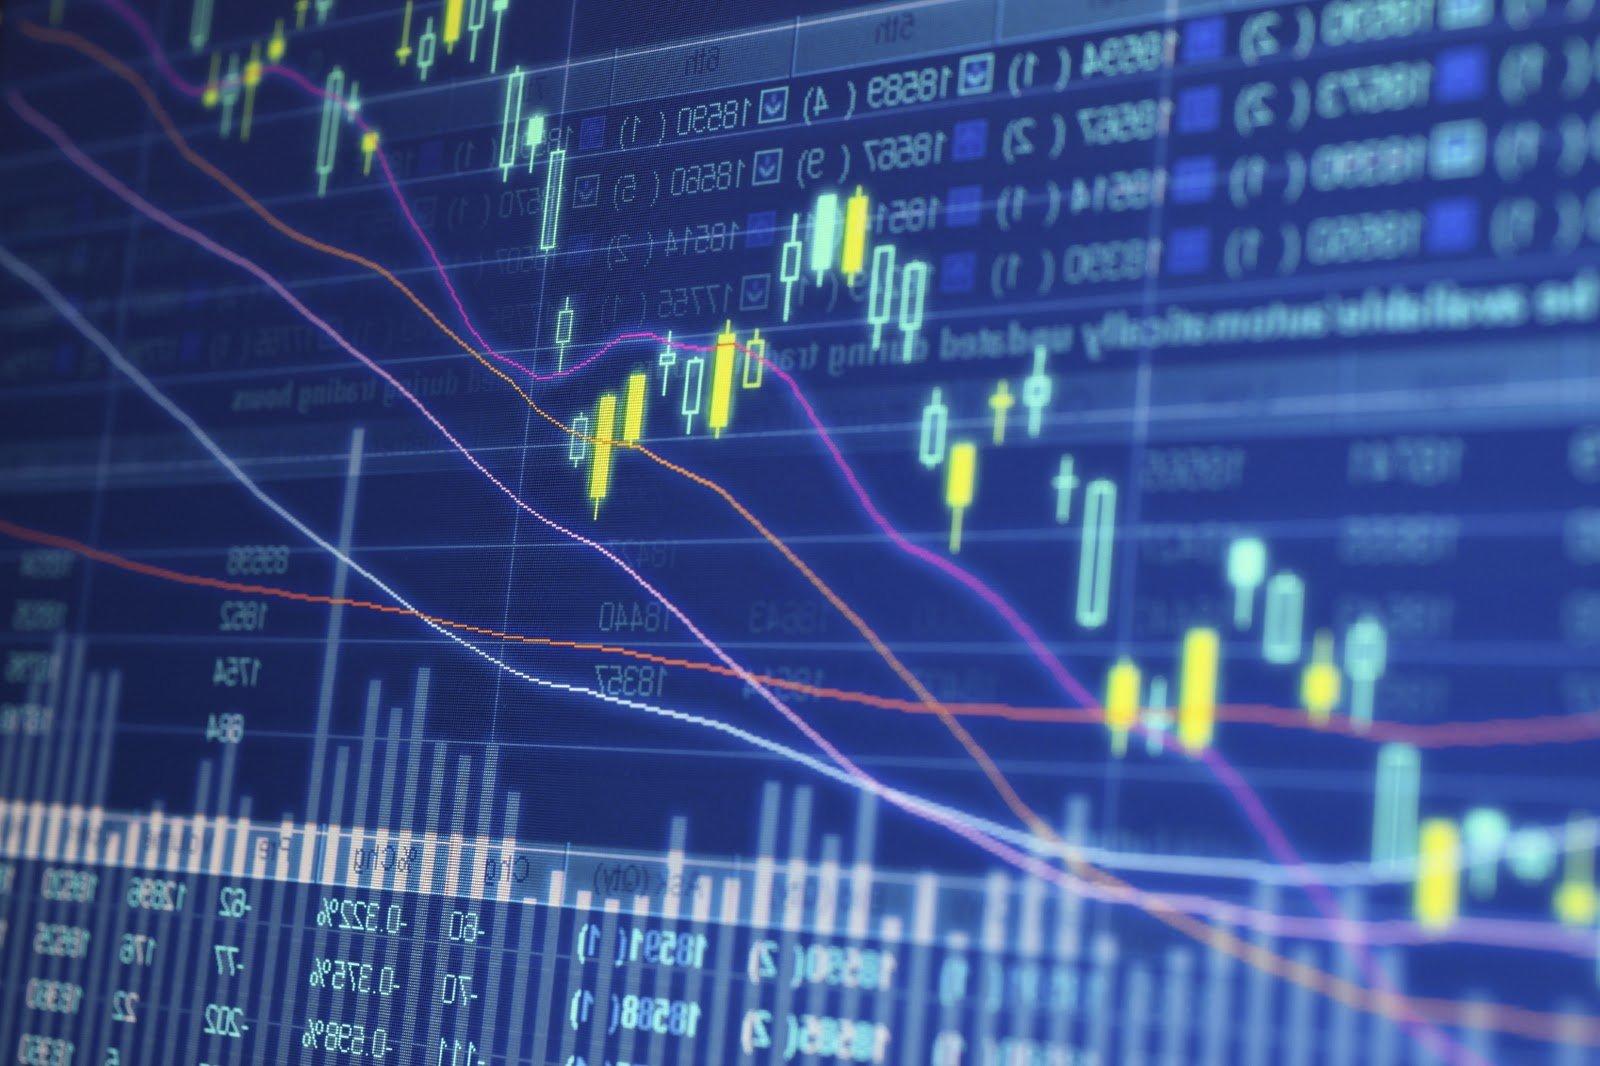 Заработок на финансовых рынках бинарных опционов что это